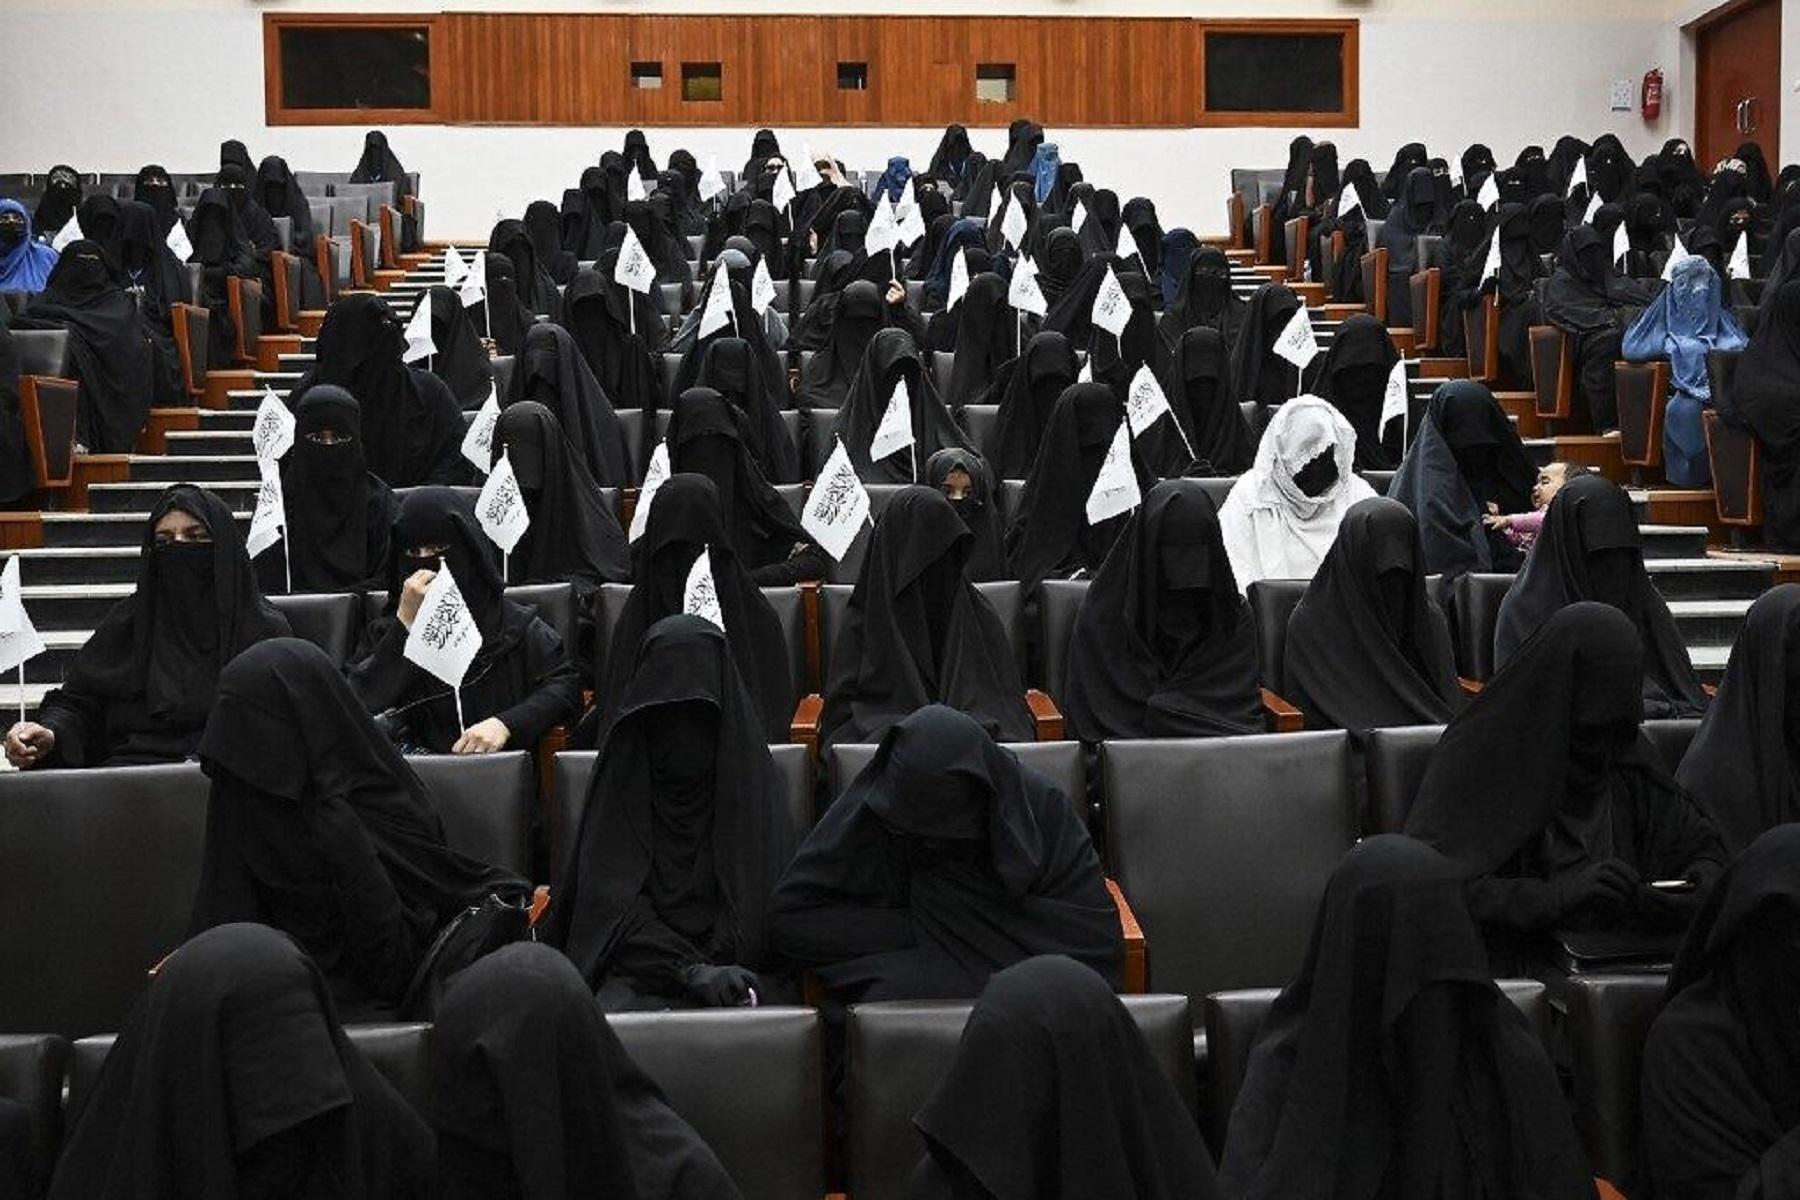 Αφγανιστάν Ταλιμπάν: Οι γυναίκες μπορούν να σπουδάσουν σε πανεπιστήμια με διαχωρισμό φύλου